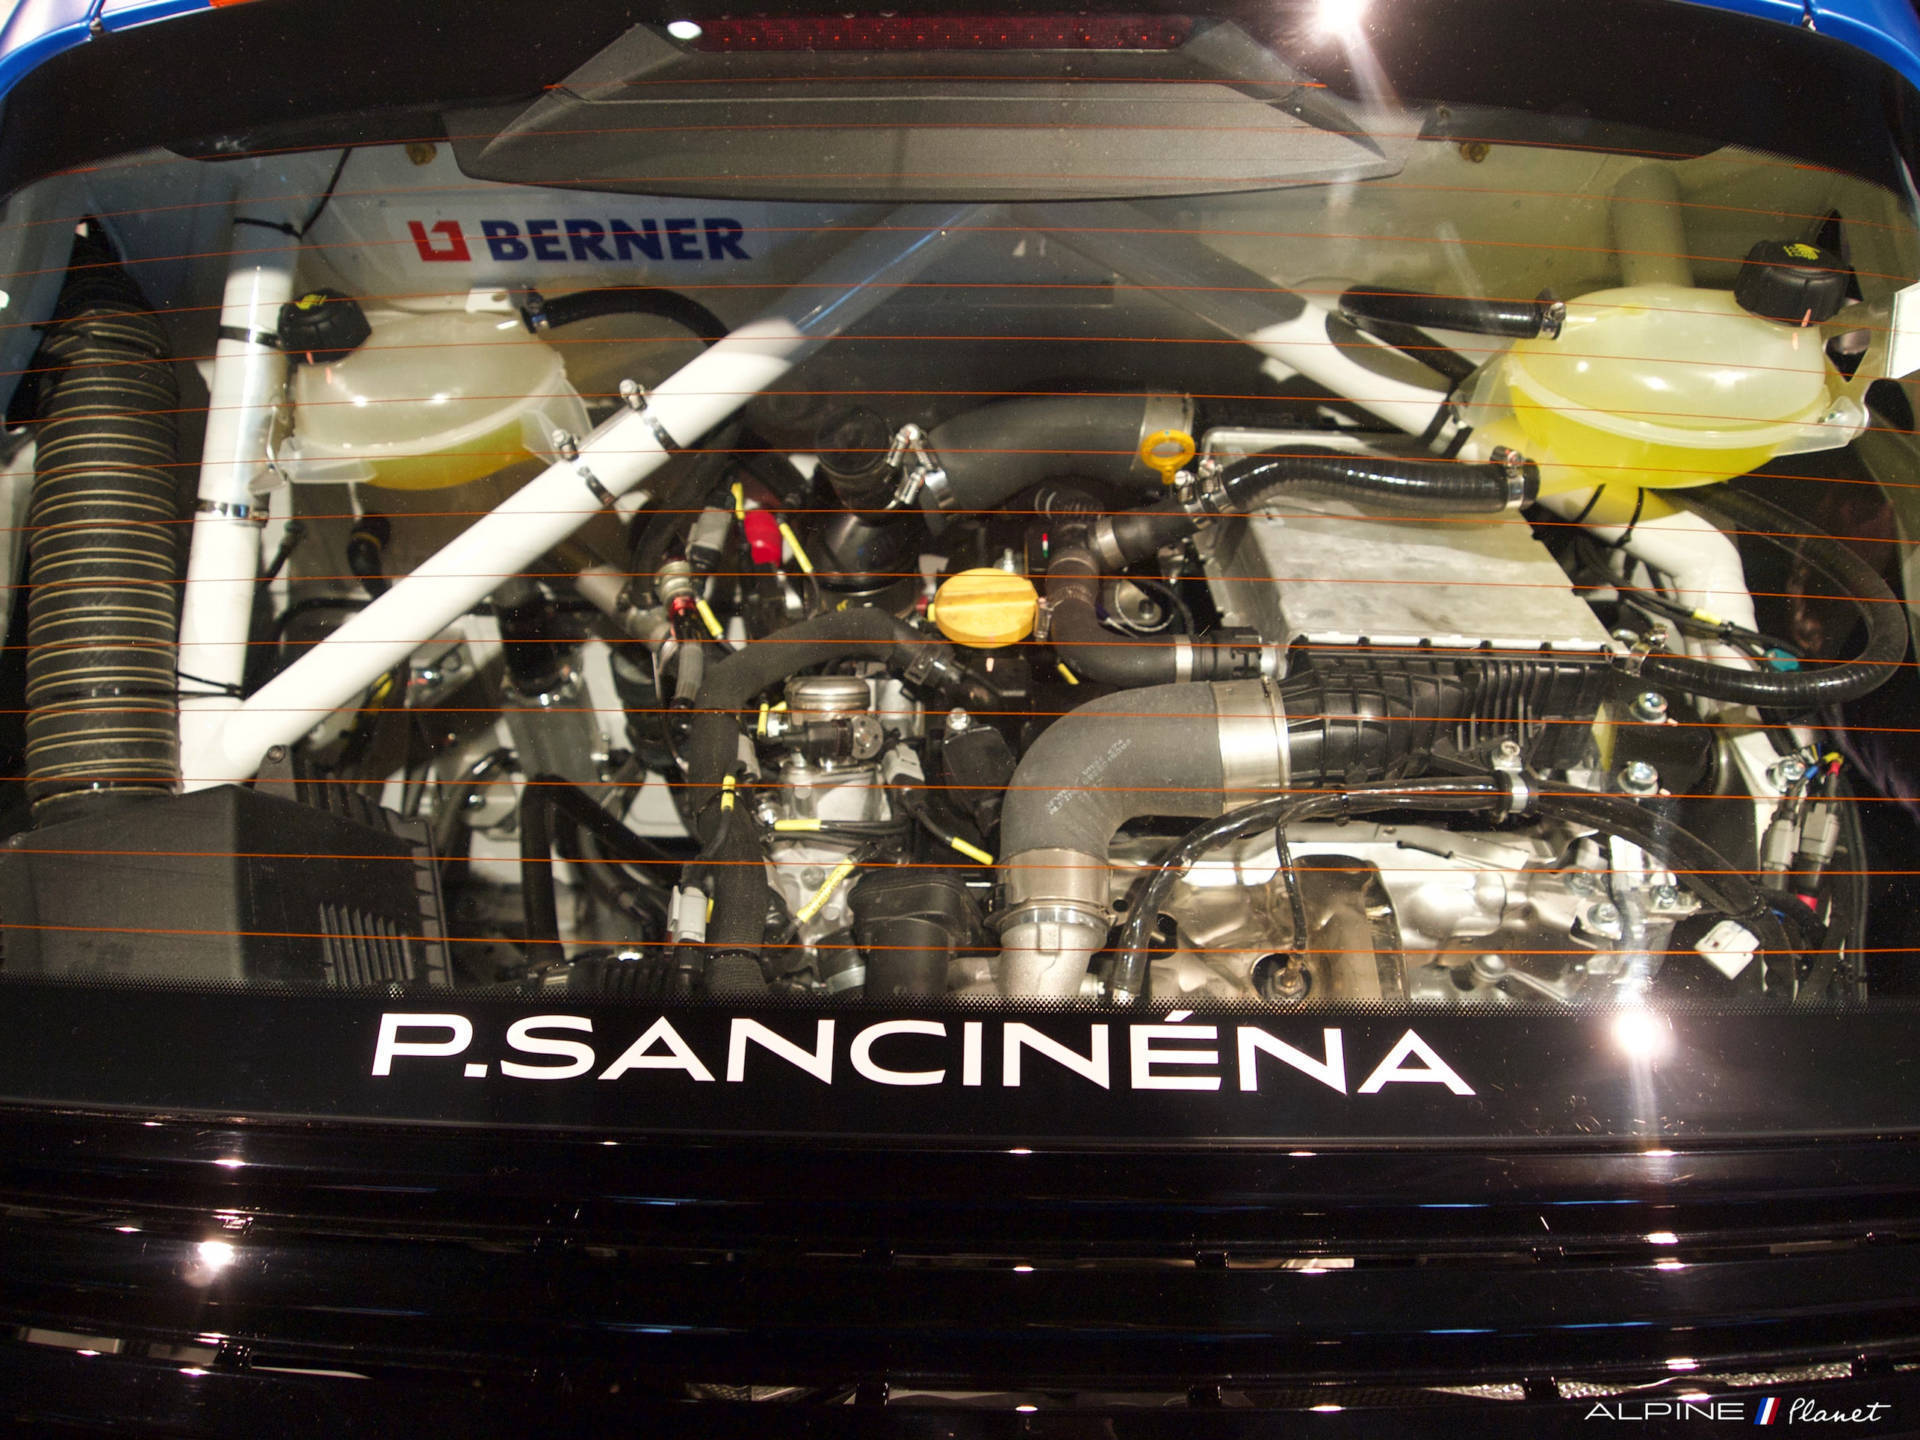 Alpine Planet A110 Cup Pierre Sancinena CMR Studio Boulogne RRG Fabien Cuvillier soirée 35   Présentation de l'Alpine A110 Cup de Pierre Sancinena